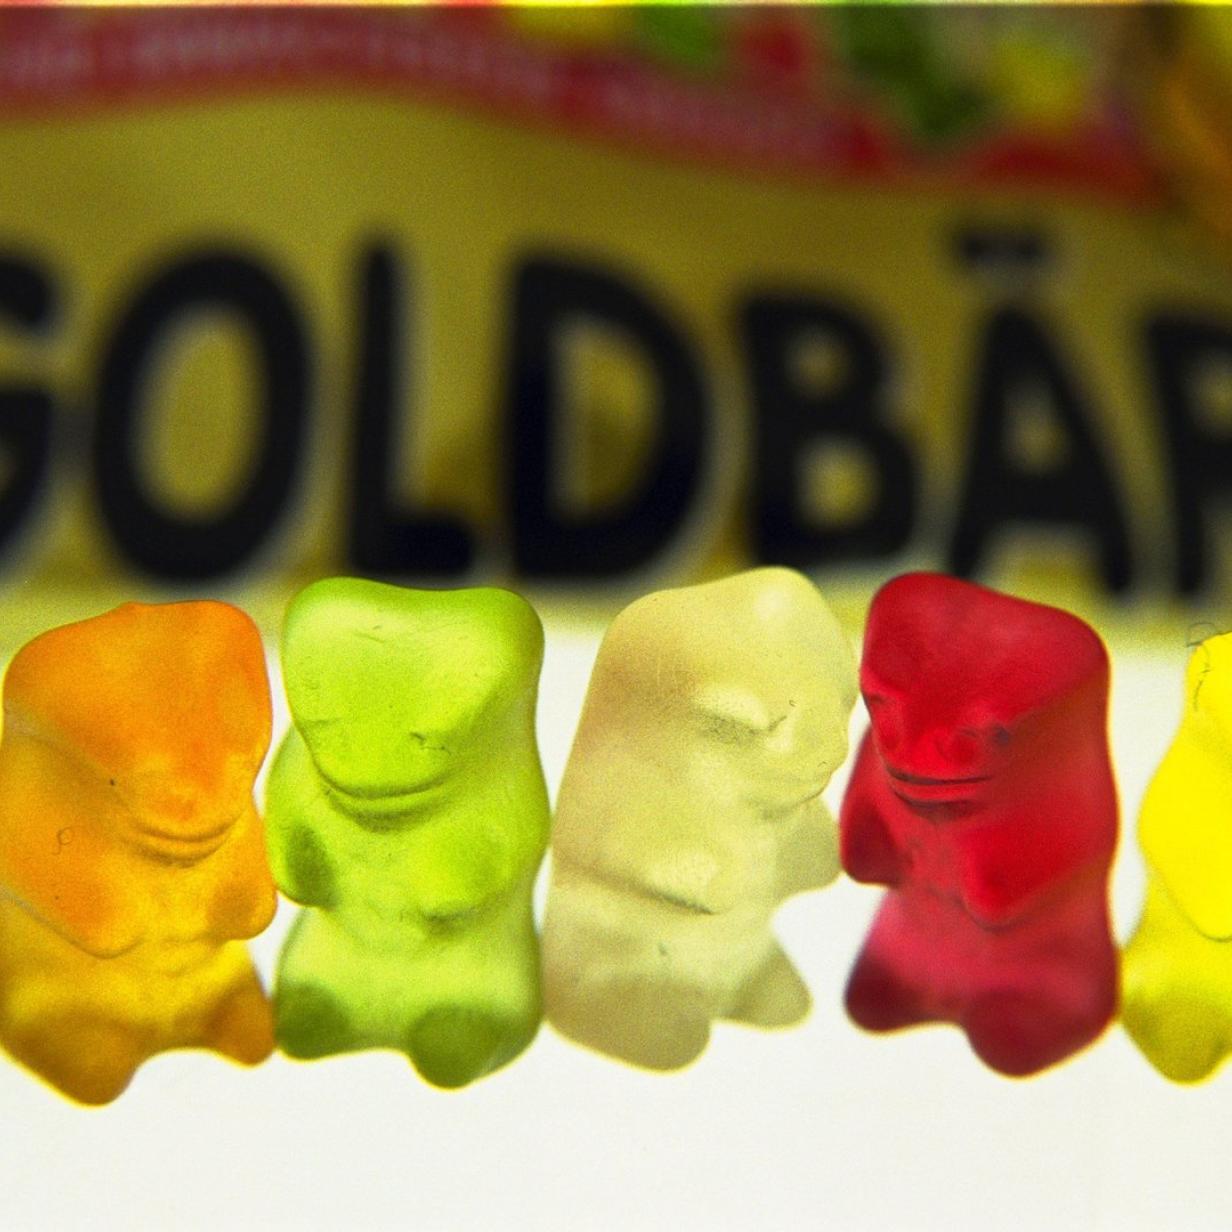 Haribo bietet Gummibärchen jetzt auch nach Farben sortiert an